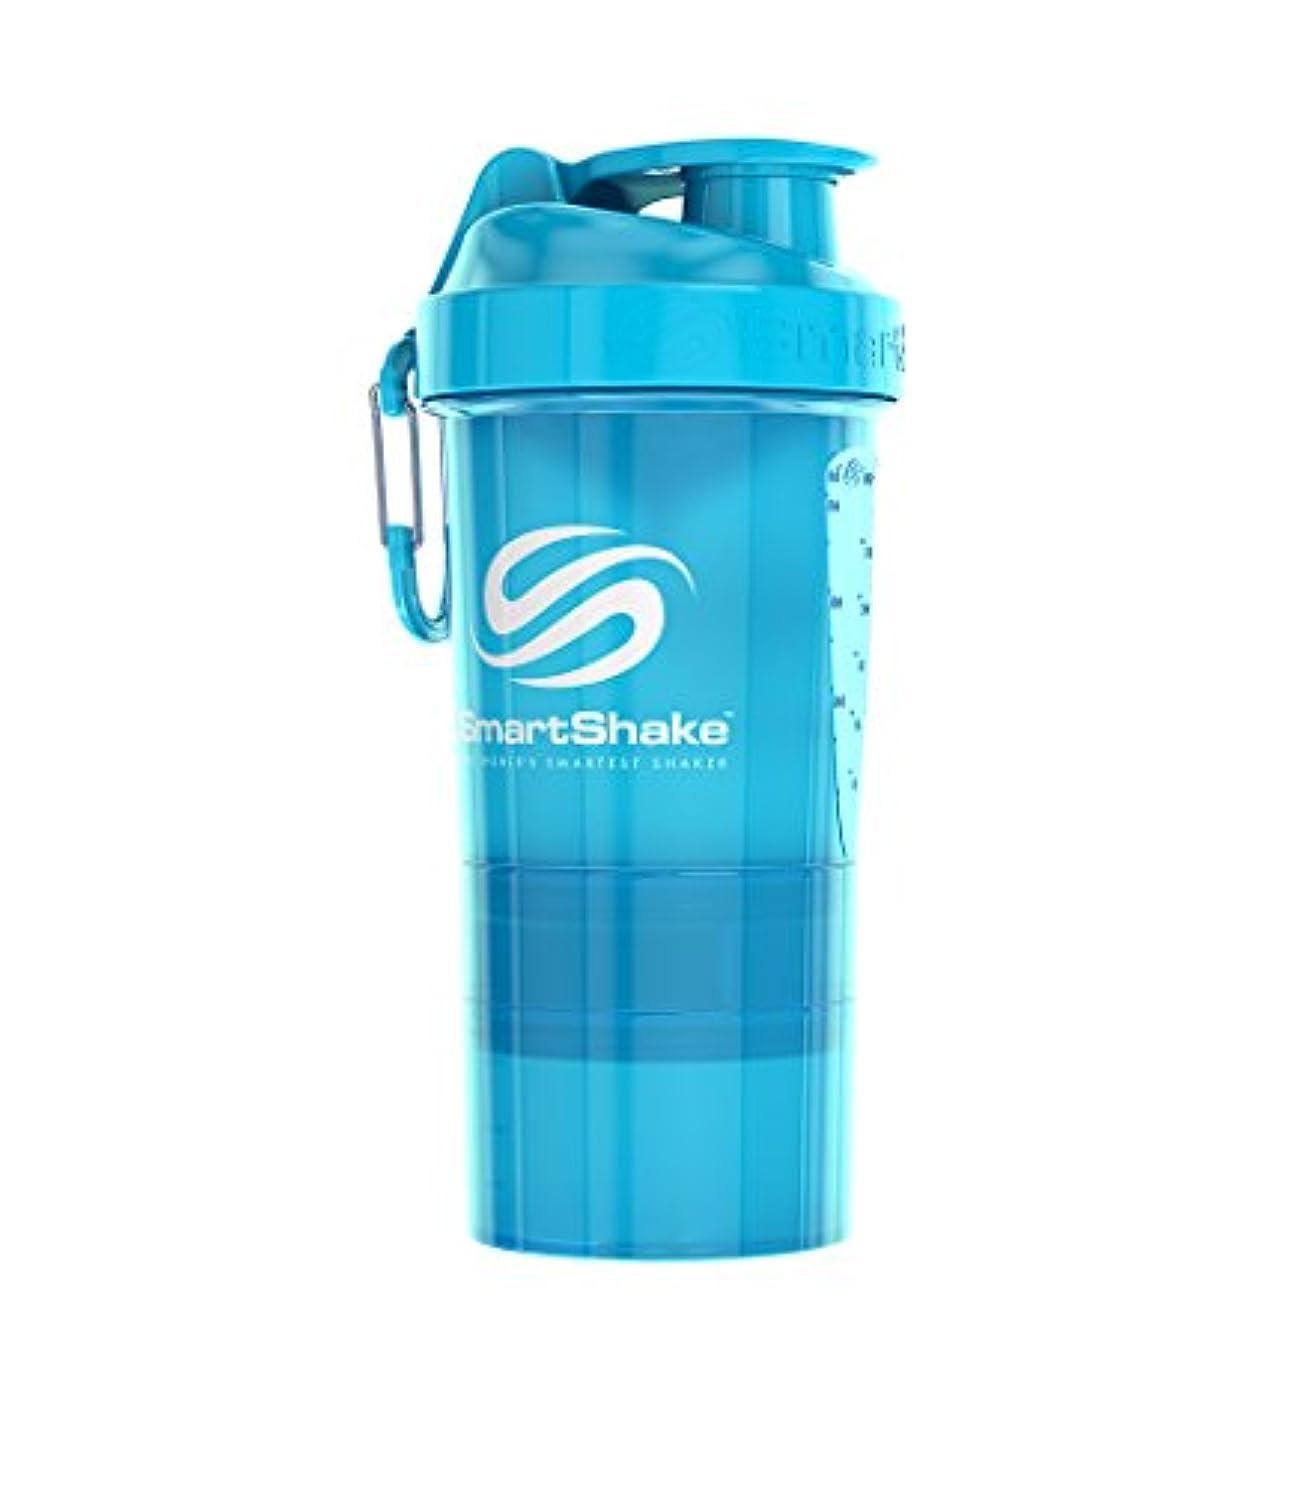 競争スポーツマン可能性Smartshake オリジナル 2Go ボトル 20 oz 10560101